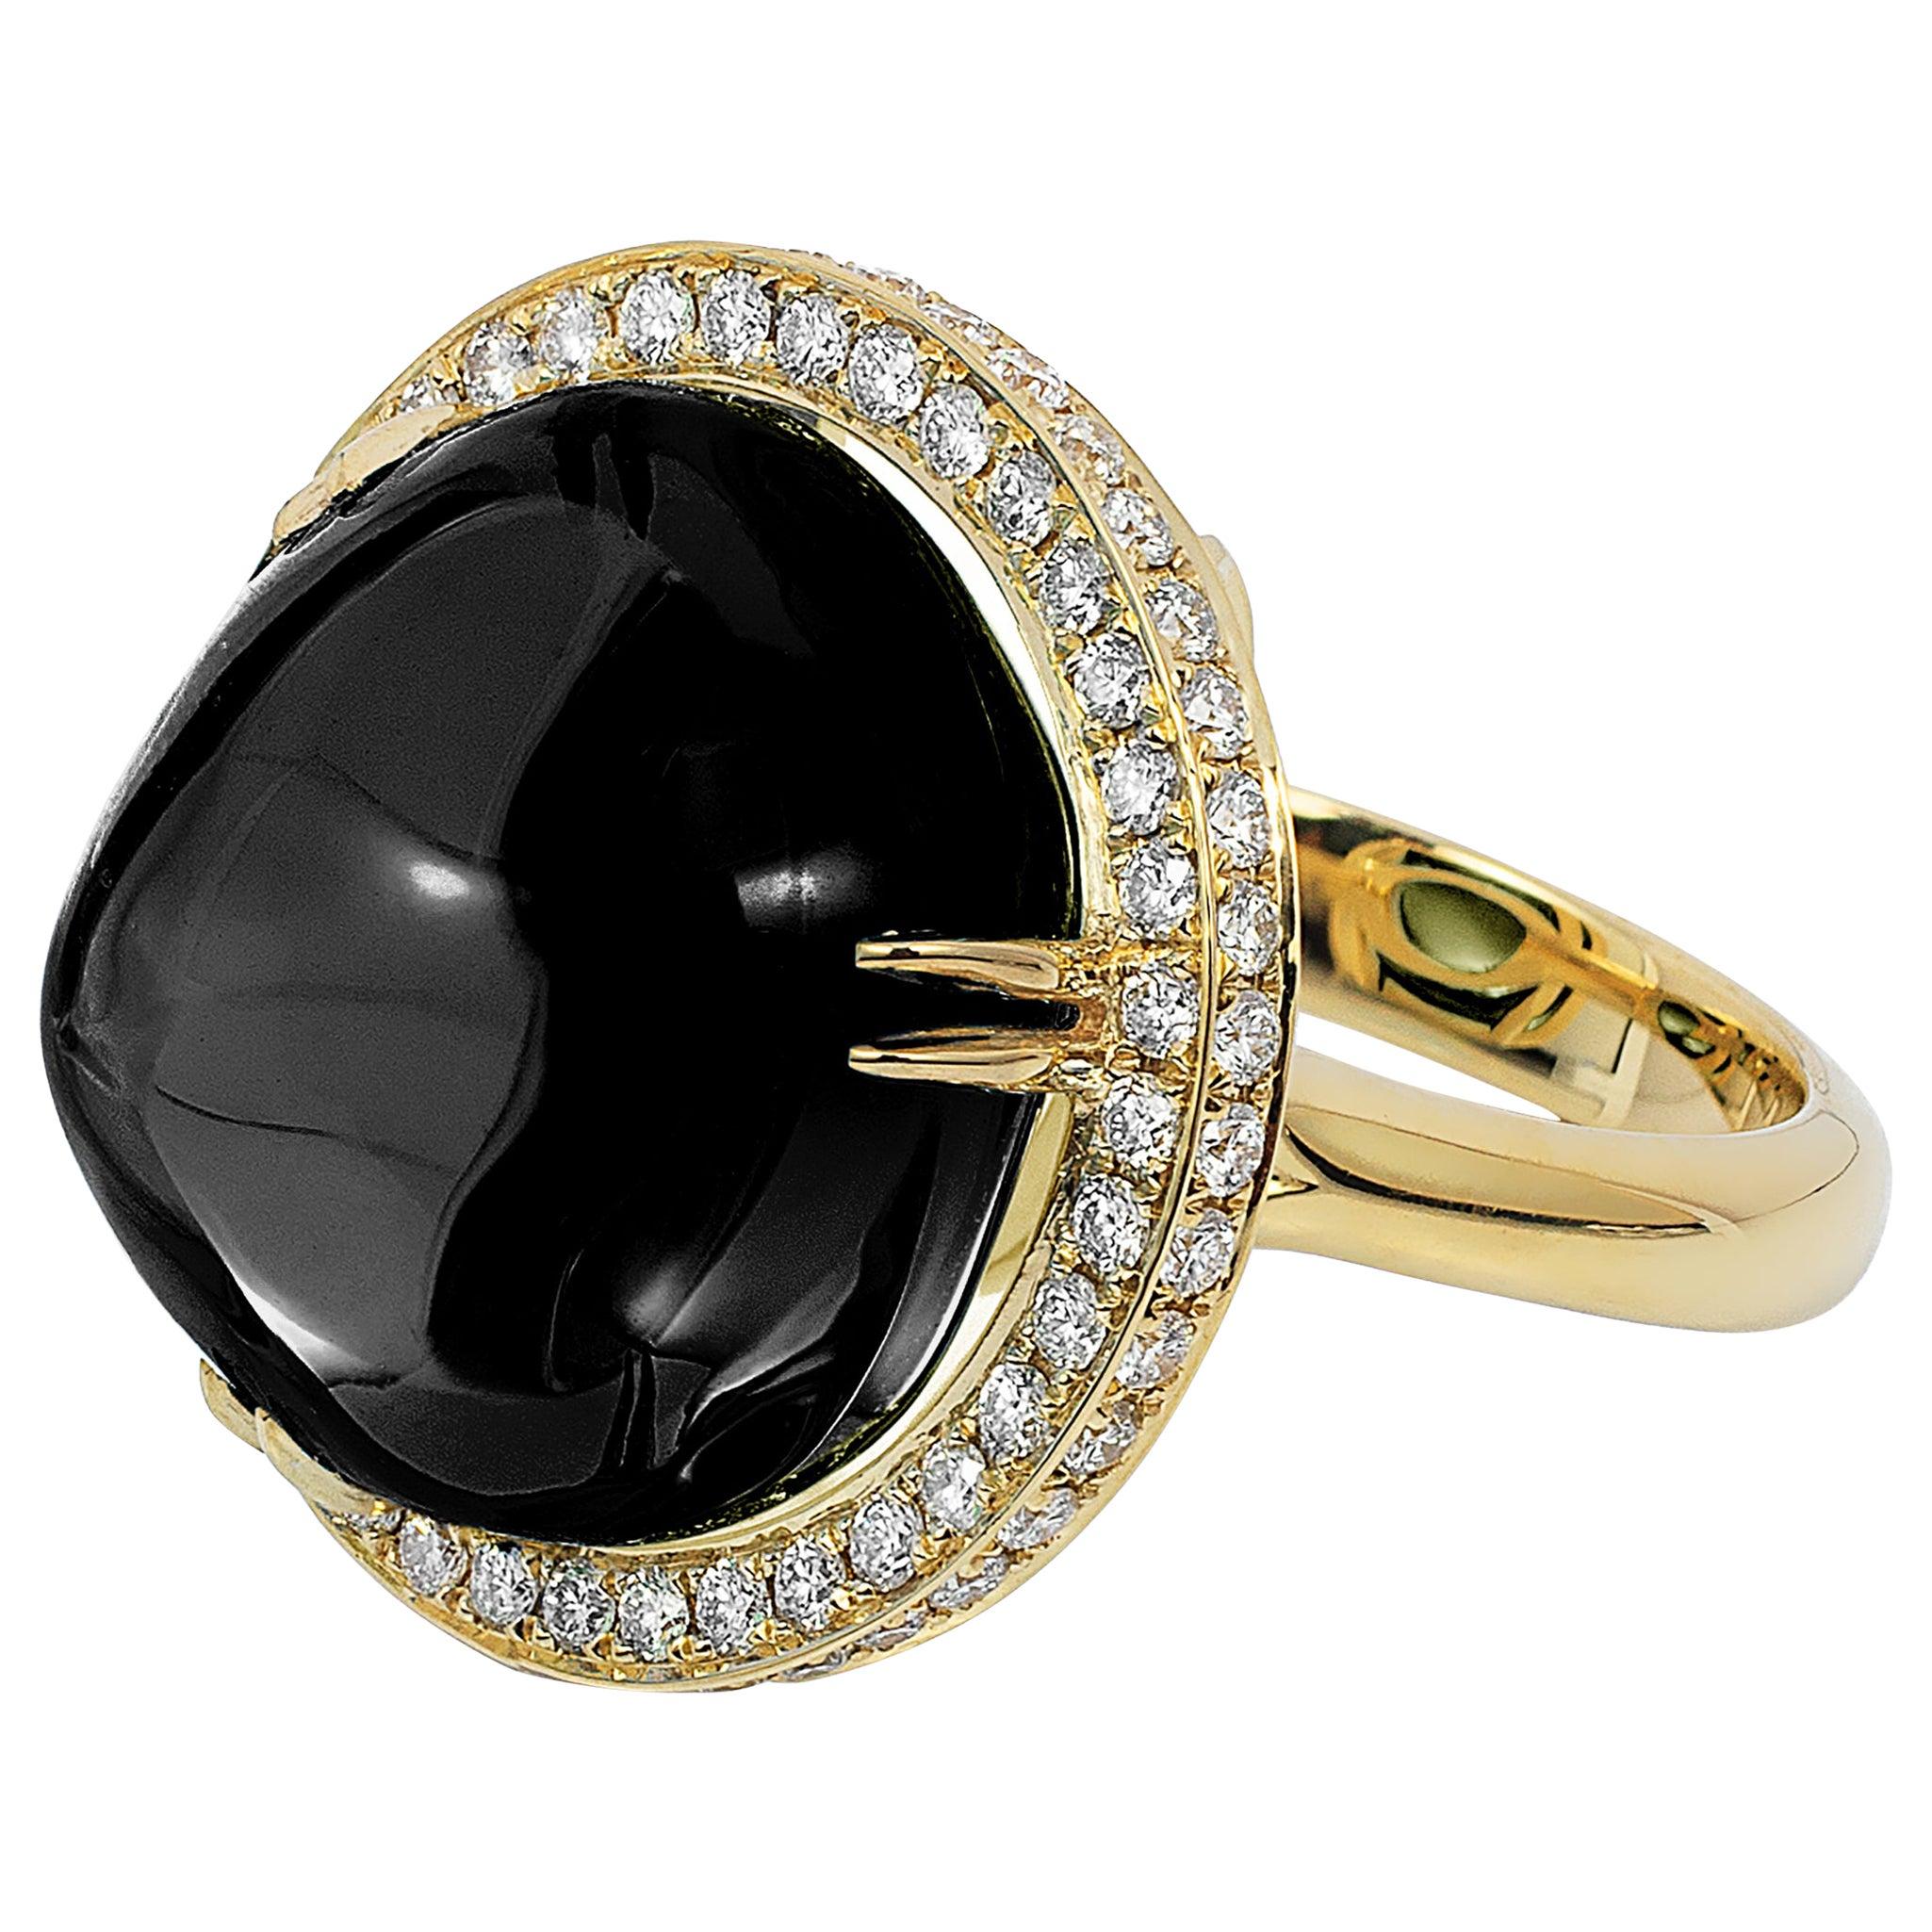 Goshwara Onyx Cabochon And Diamond Ring